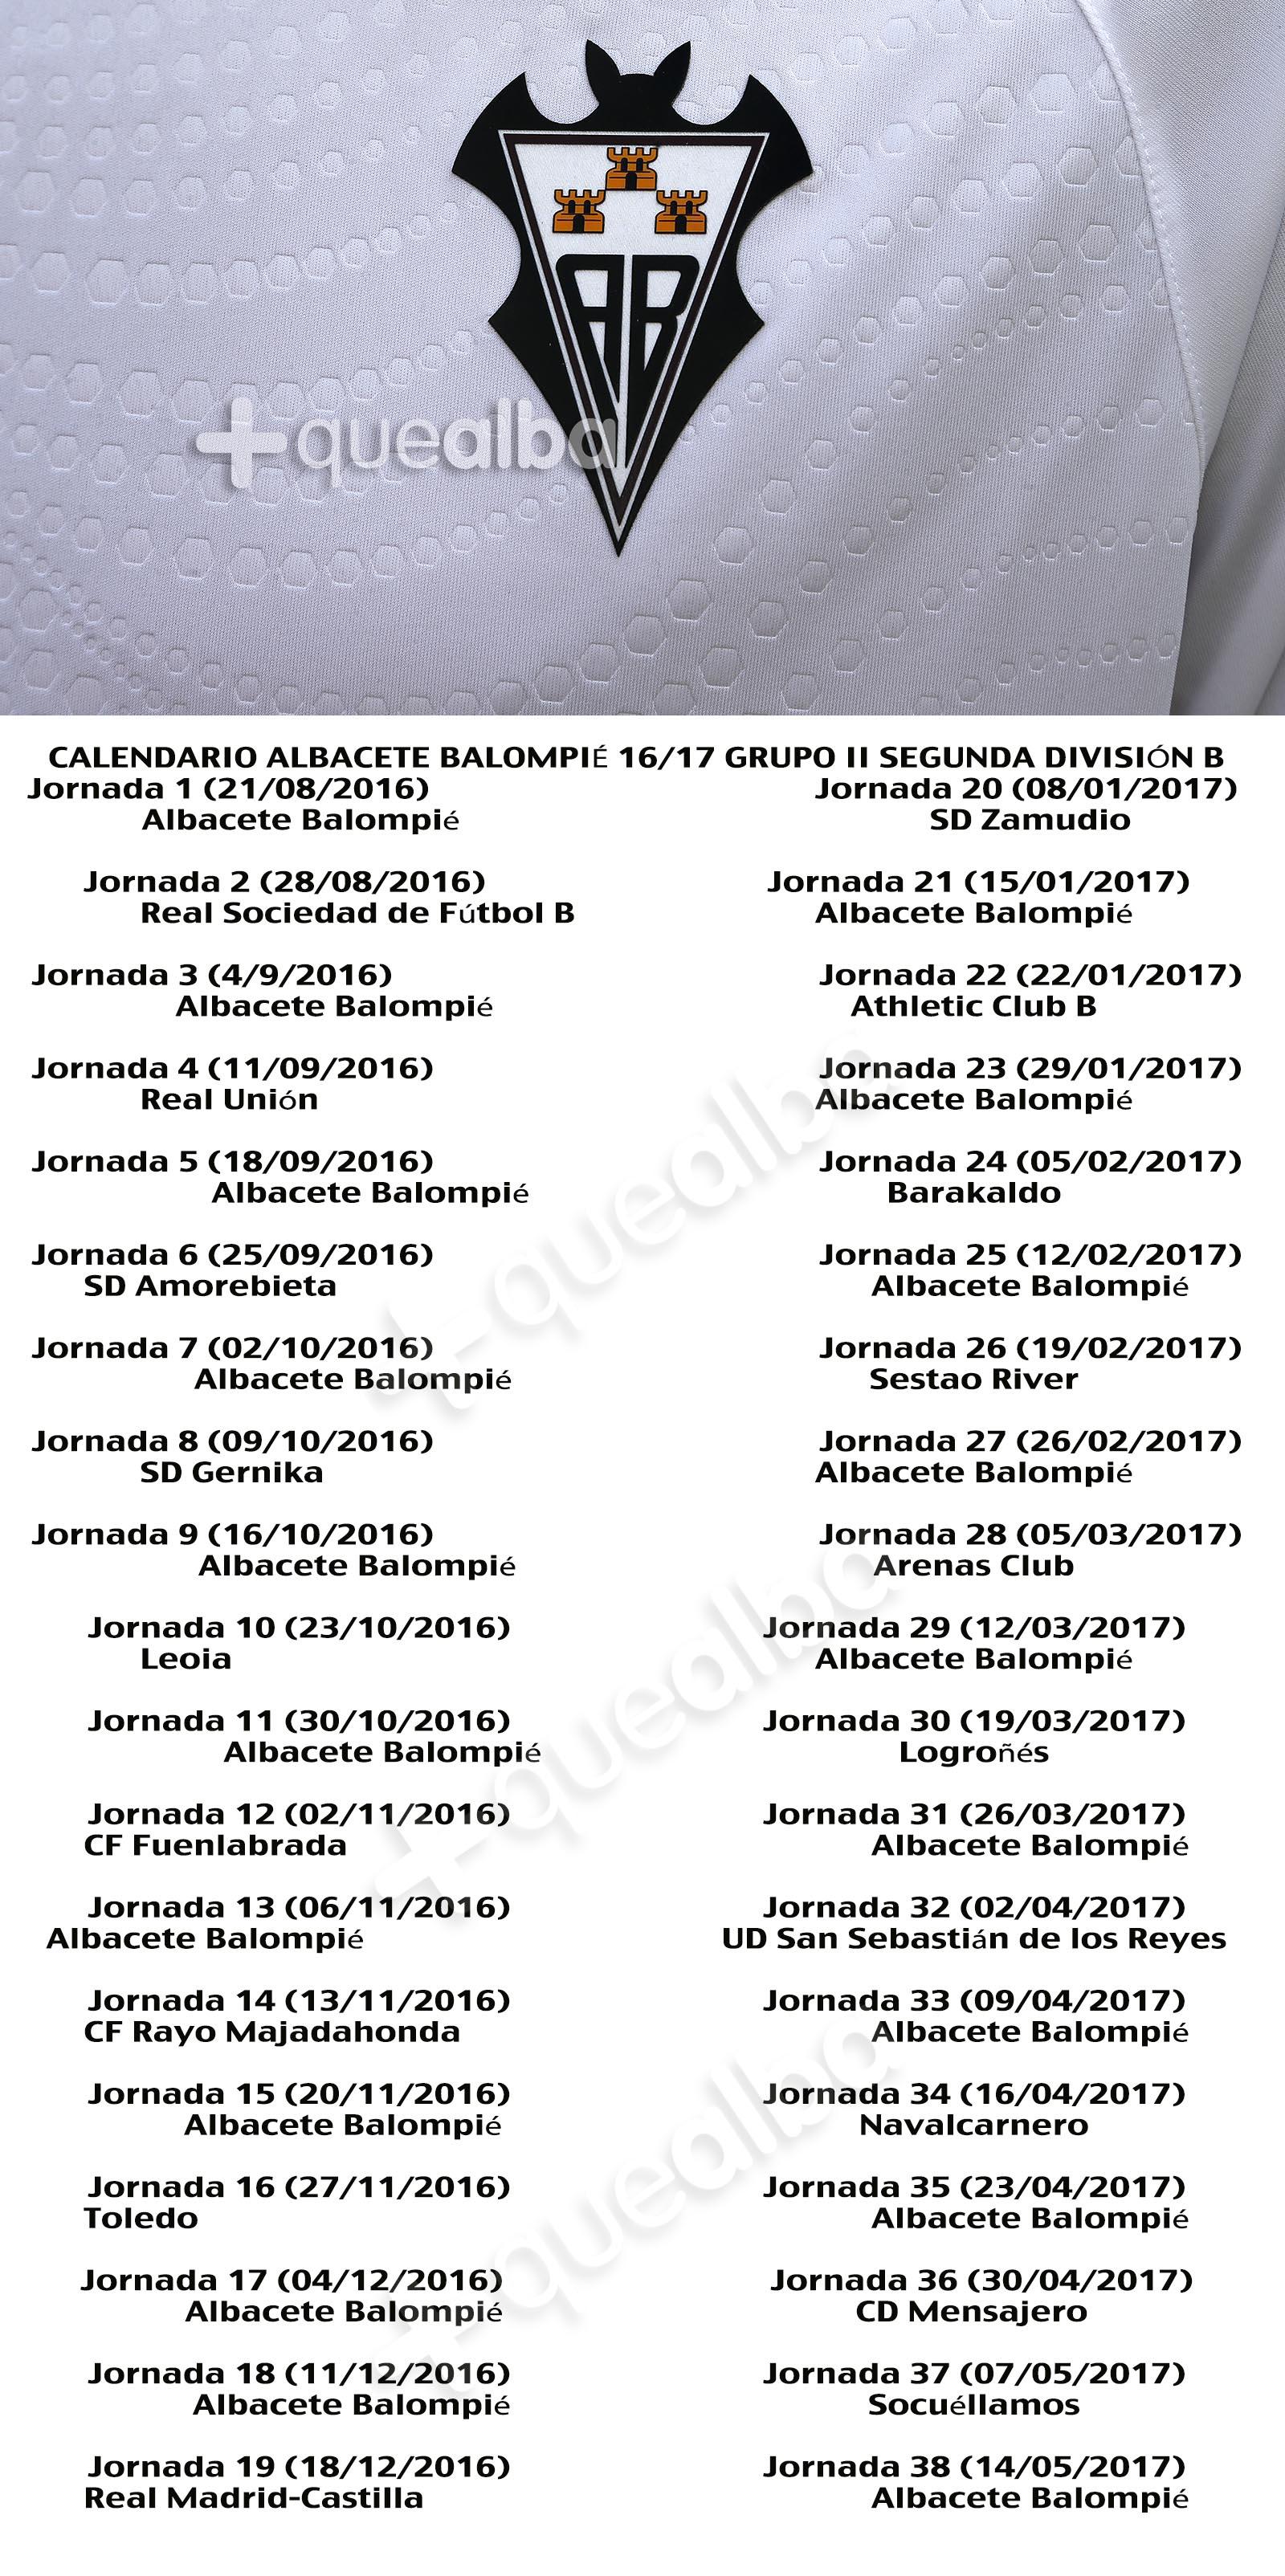 Albacete Balompie Calendario.Ya Se Conoce El Calendario Del Albacete Balompie